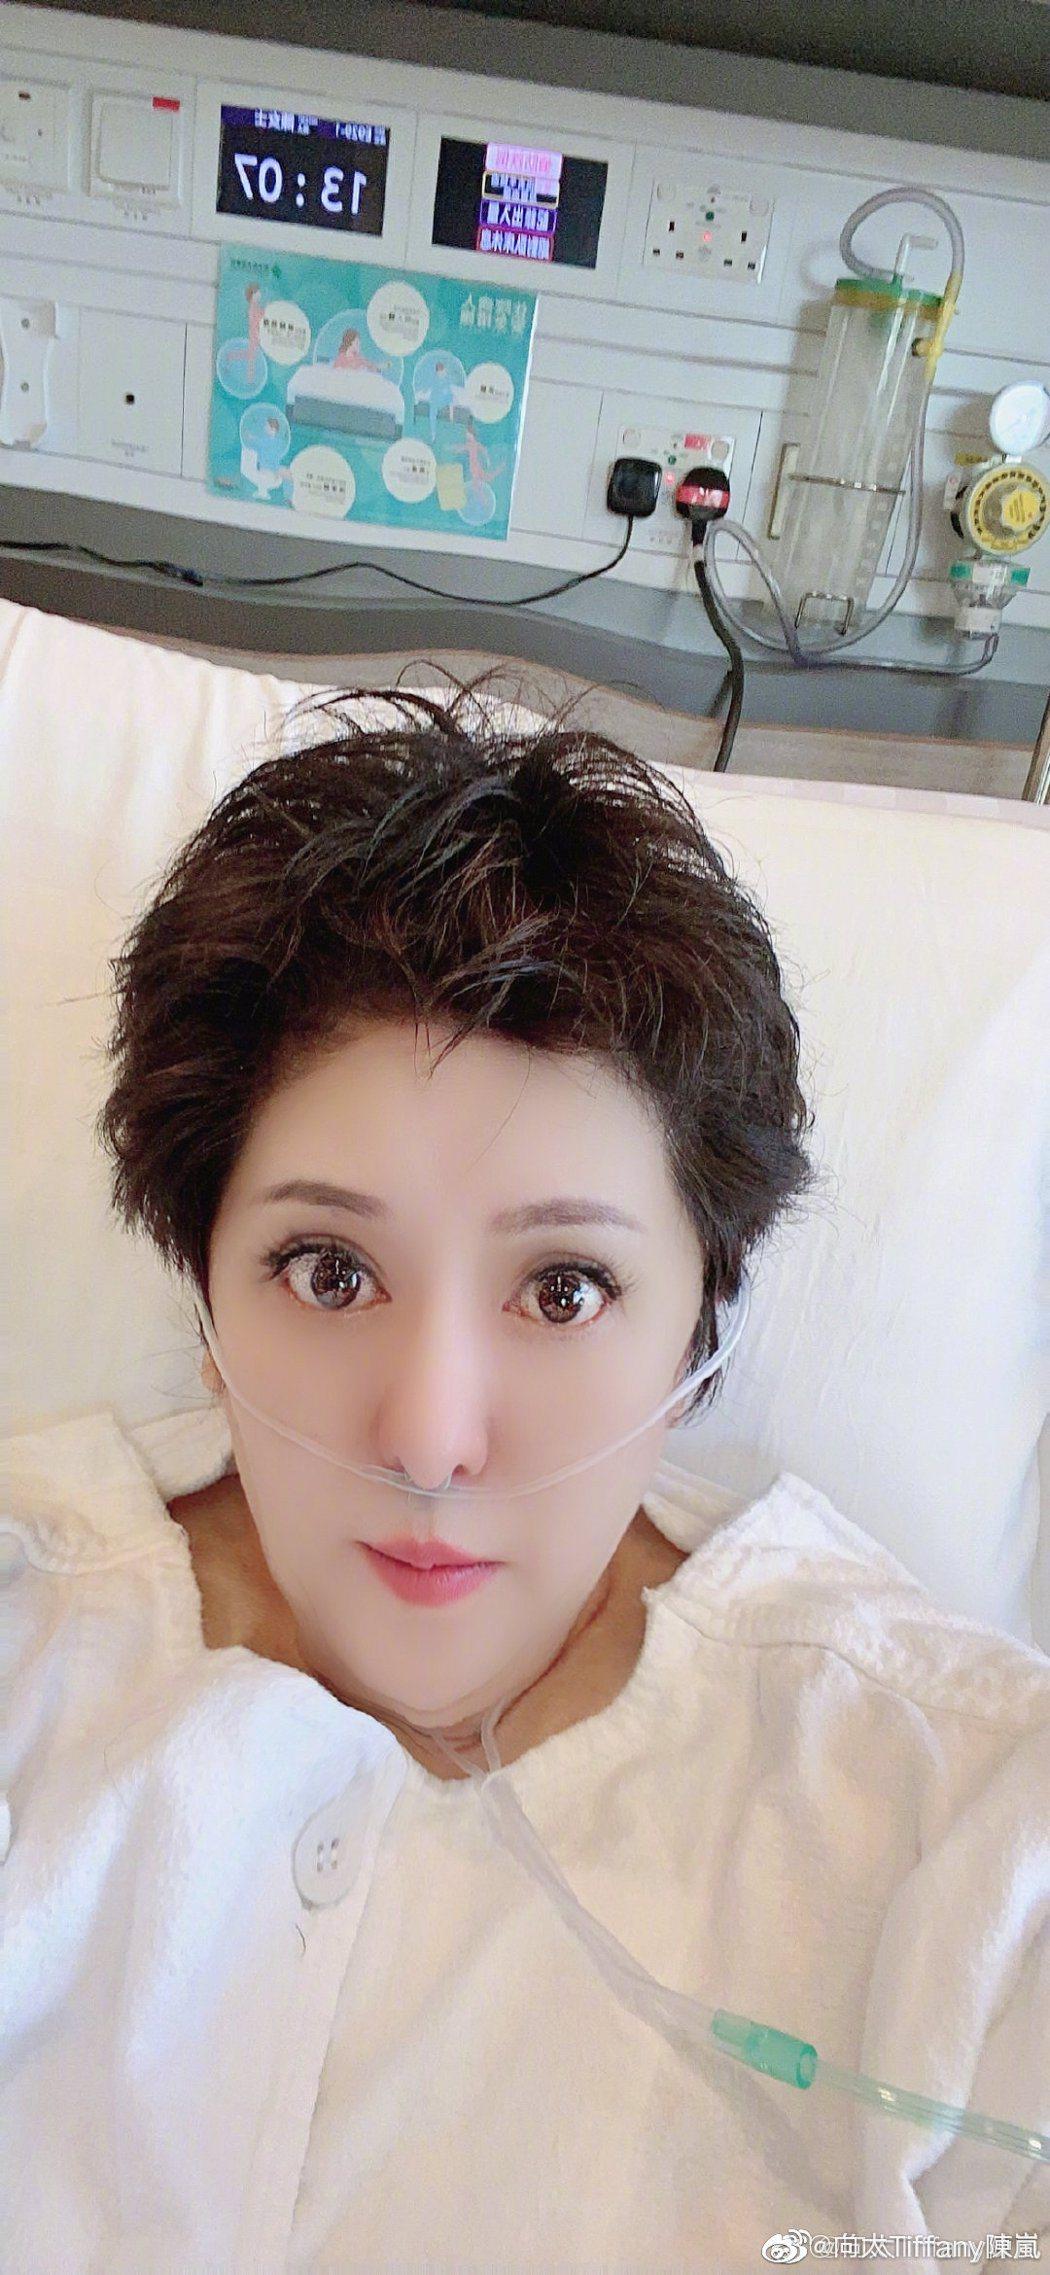 向太透露上周心肌梗塞送醫手術。圖/擷自微博